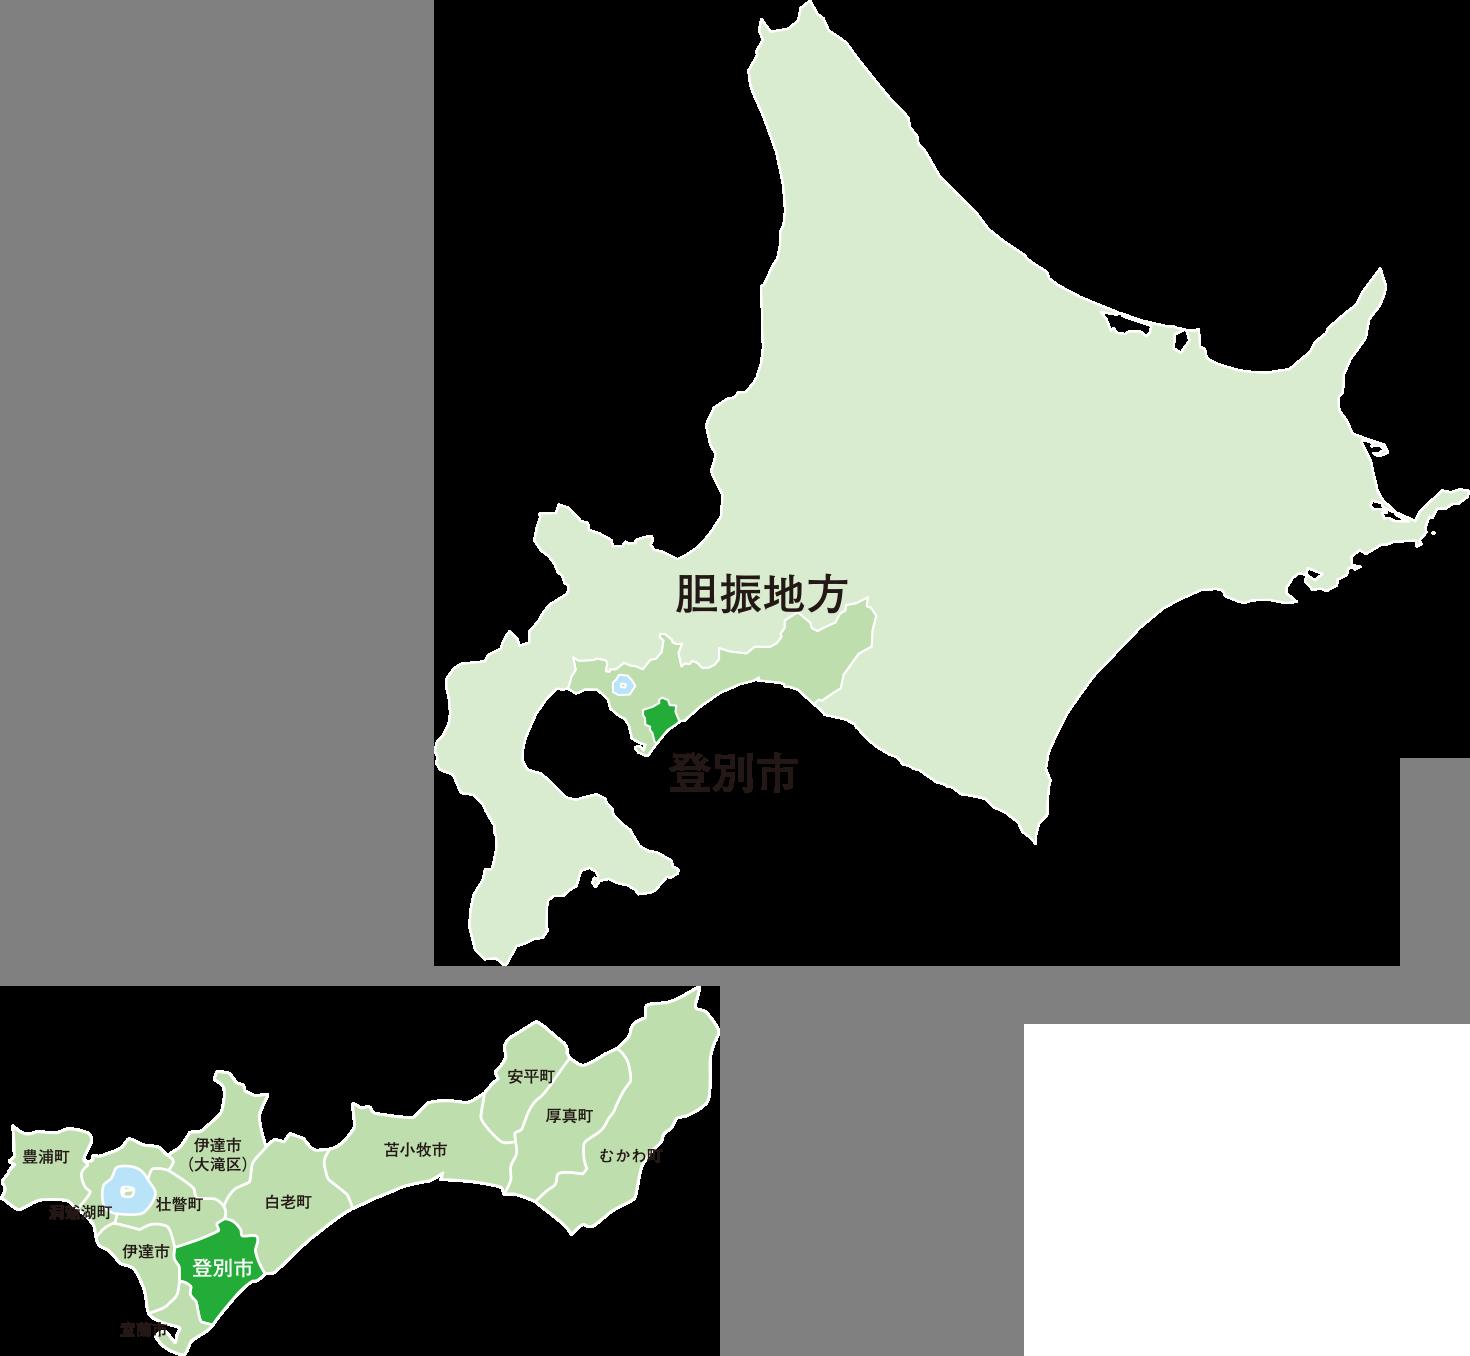 北海道 胆振地方 登別市周辺の拡大地図